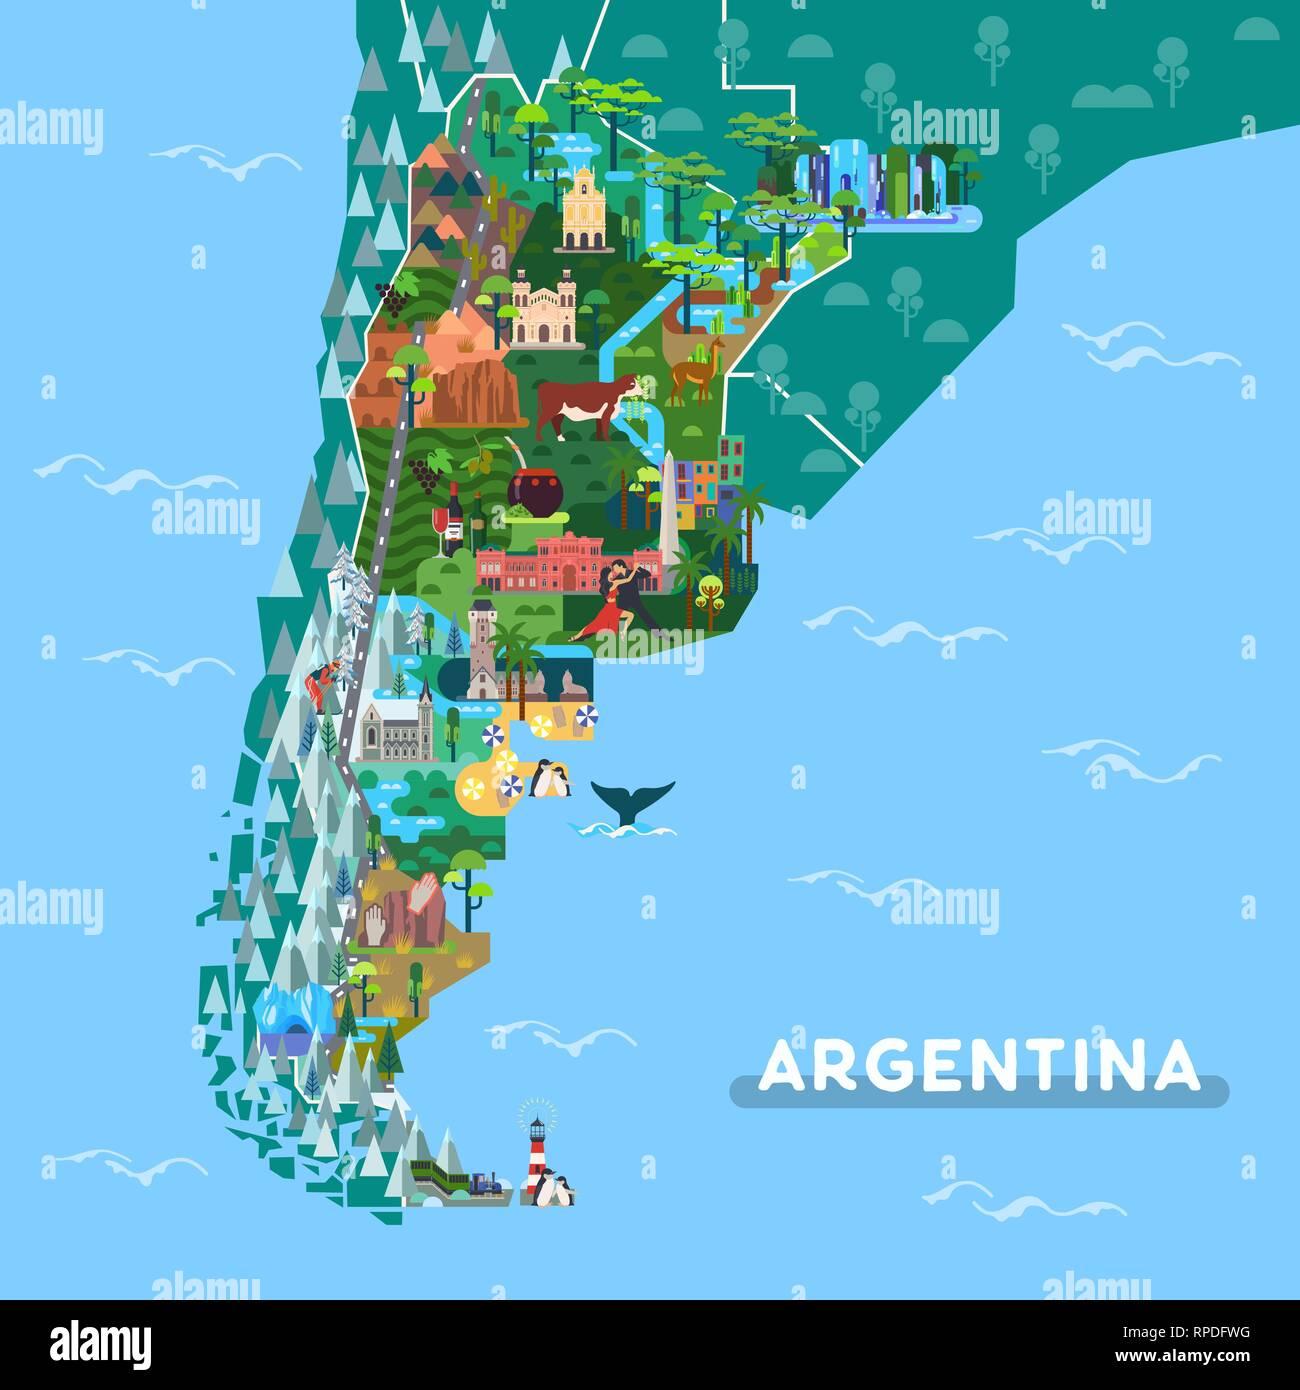 Argentine Map Stockfotos & Argentine Map Bilder - Alamy